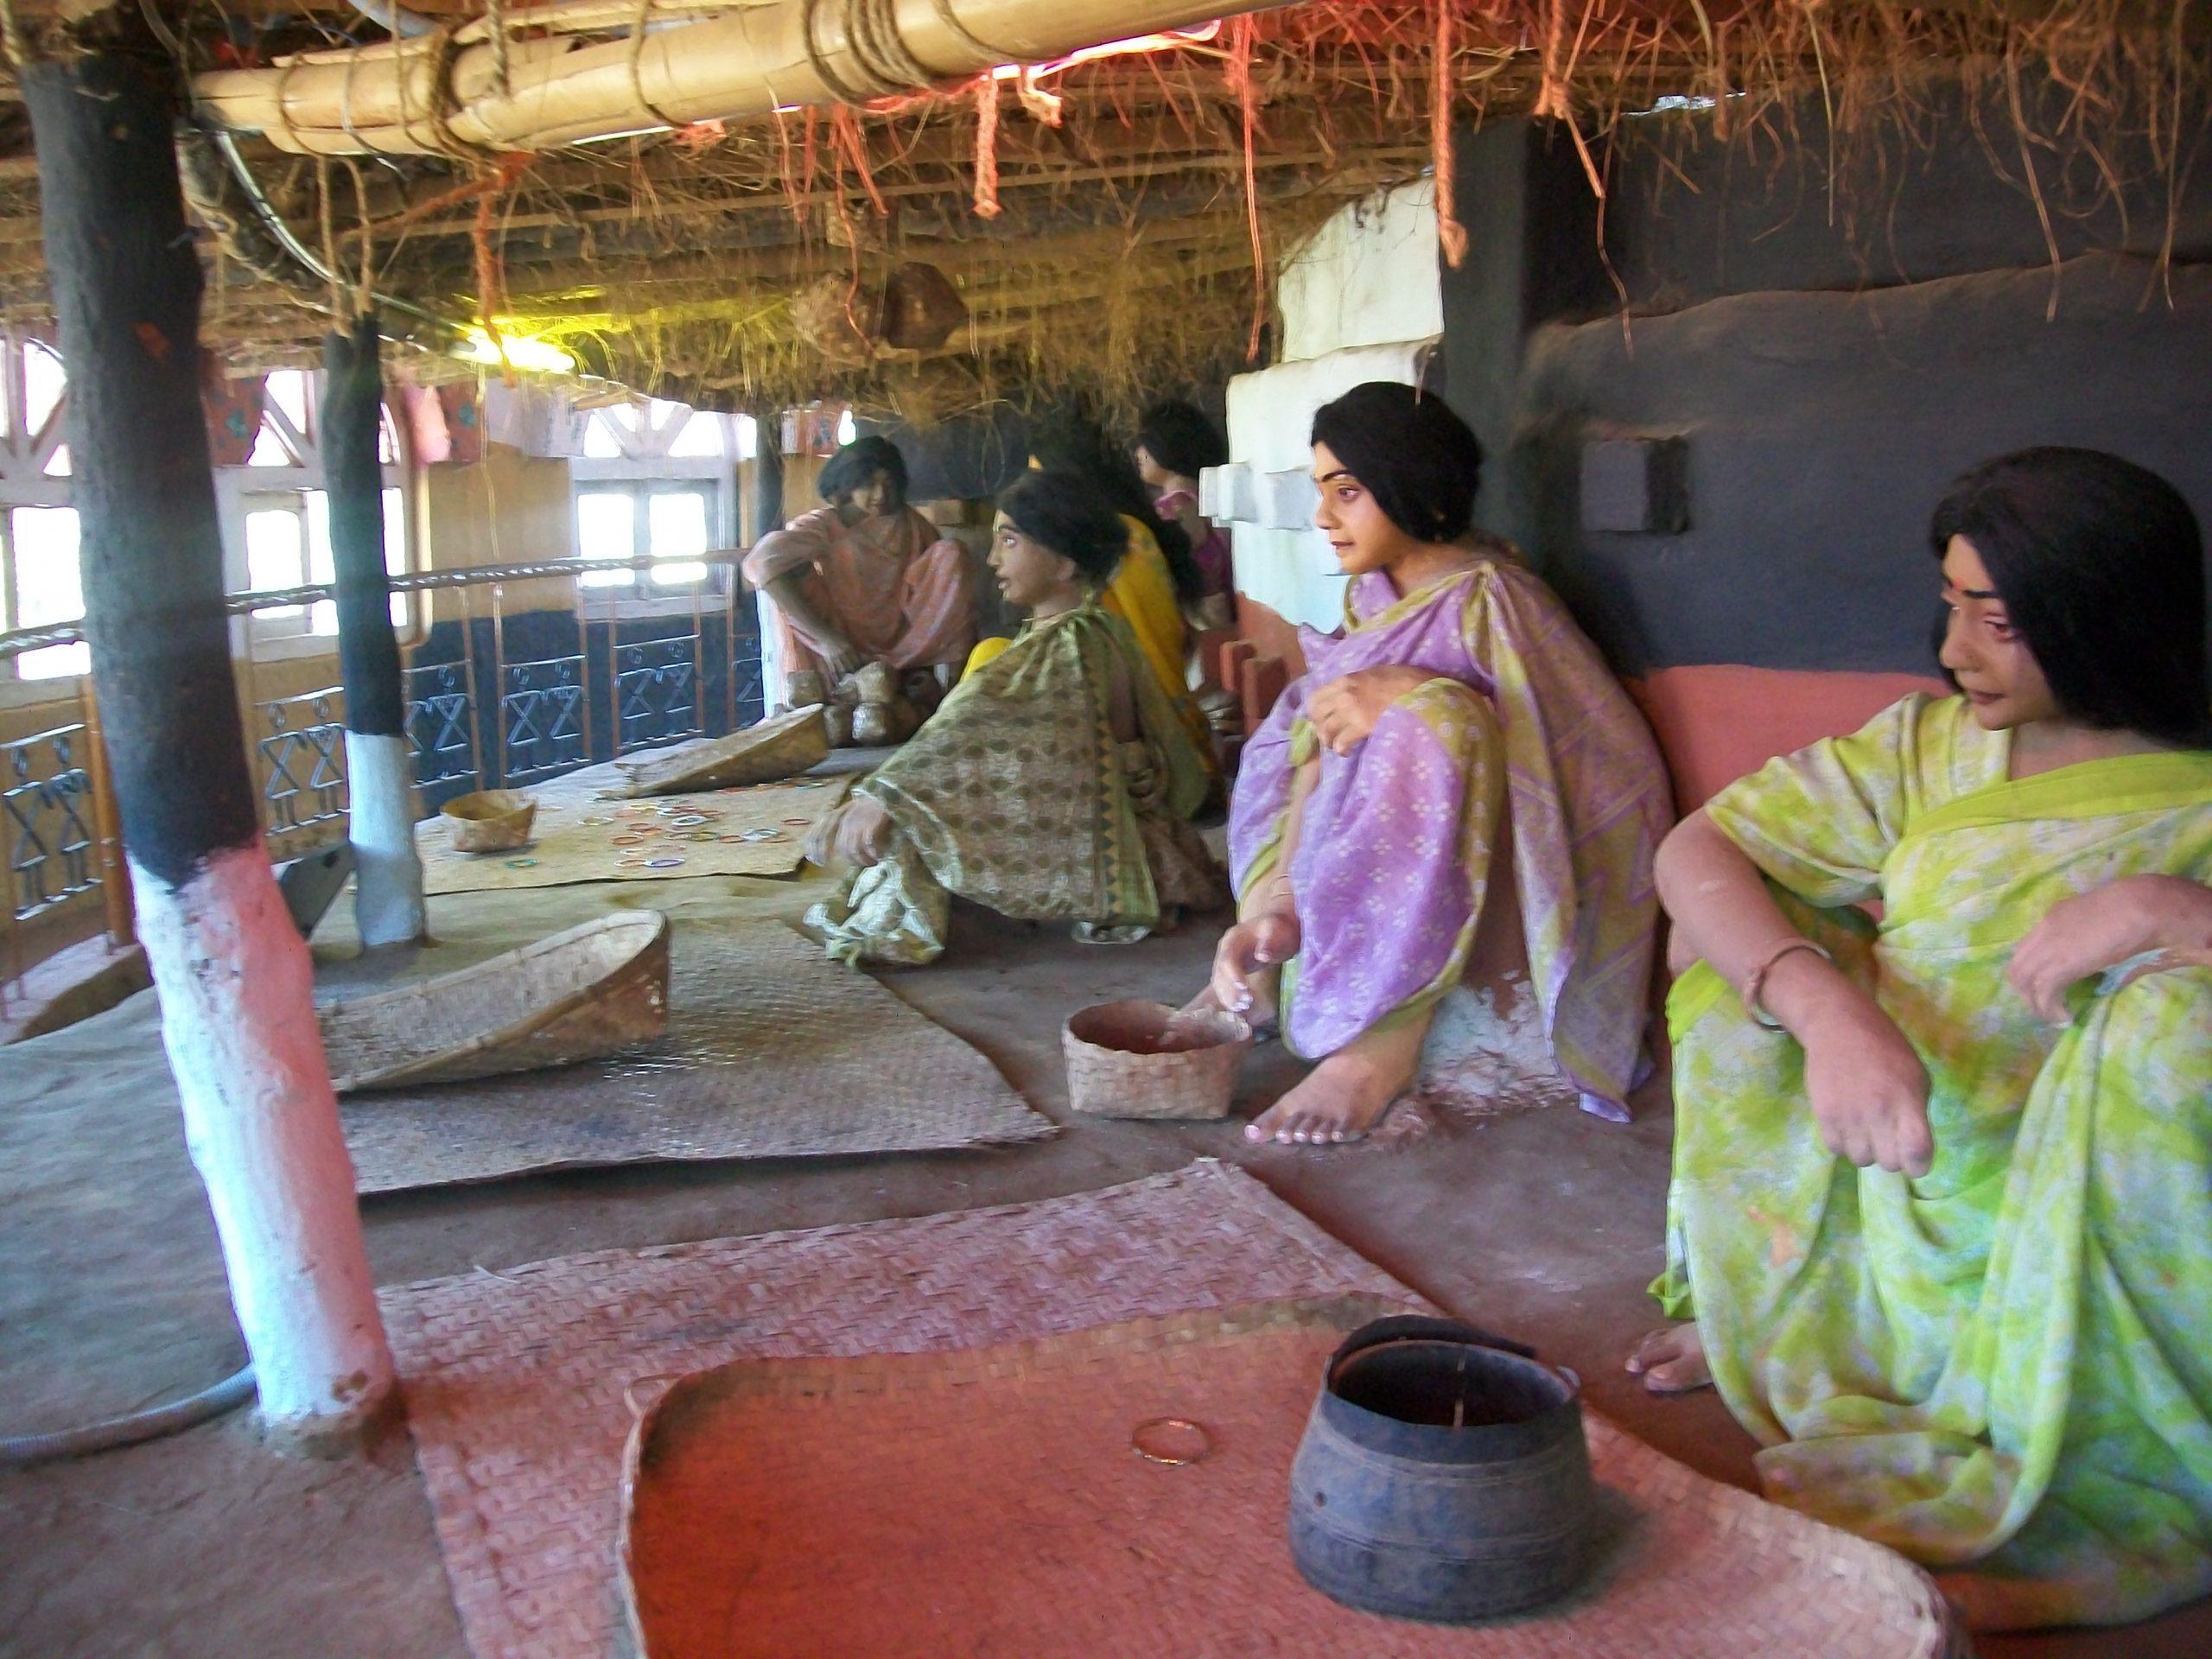 Saputara Weekend Getaway Near Ahmedabad